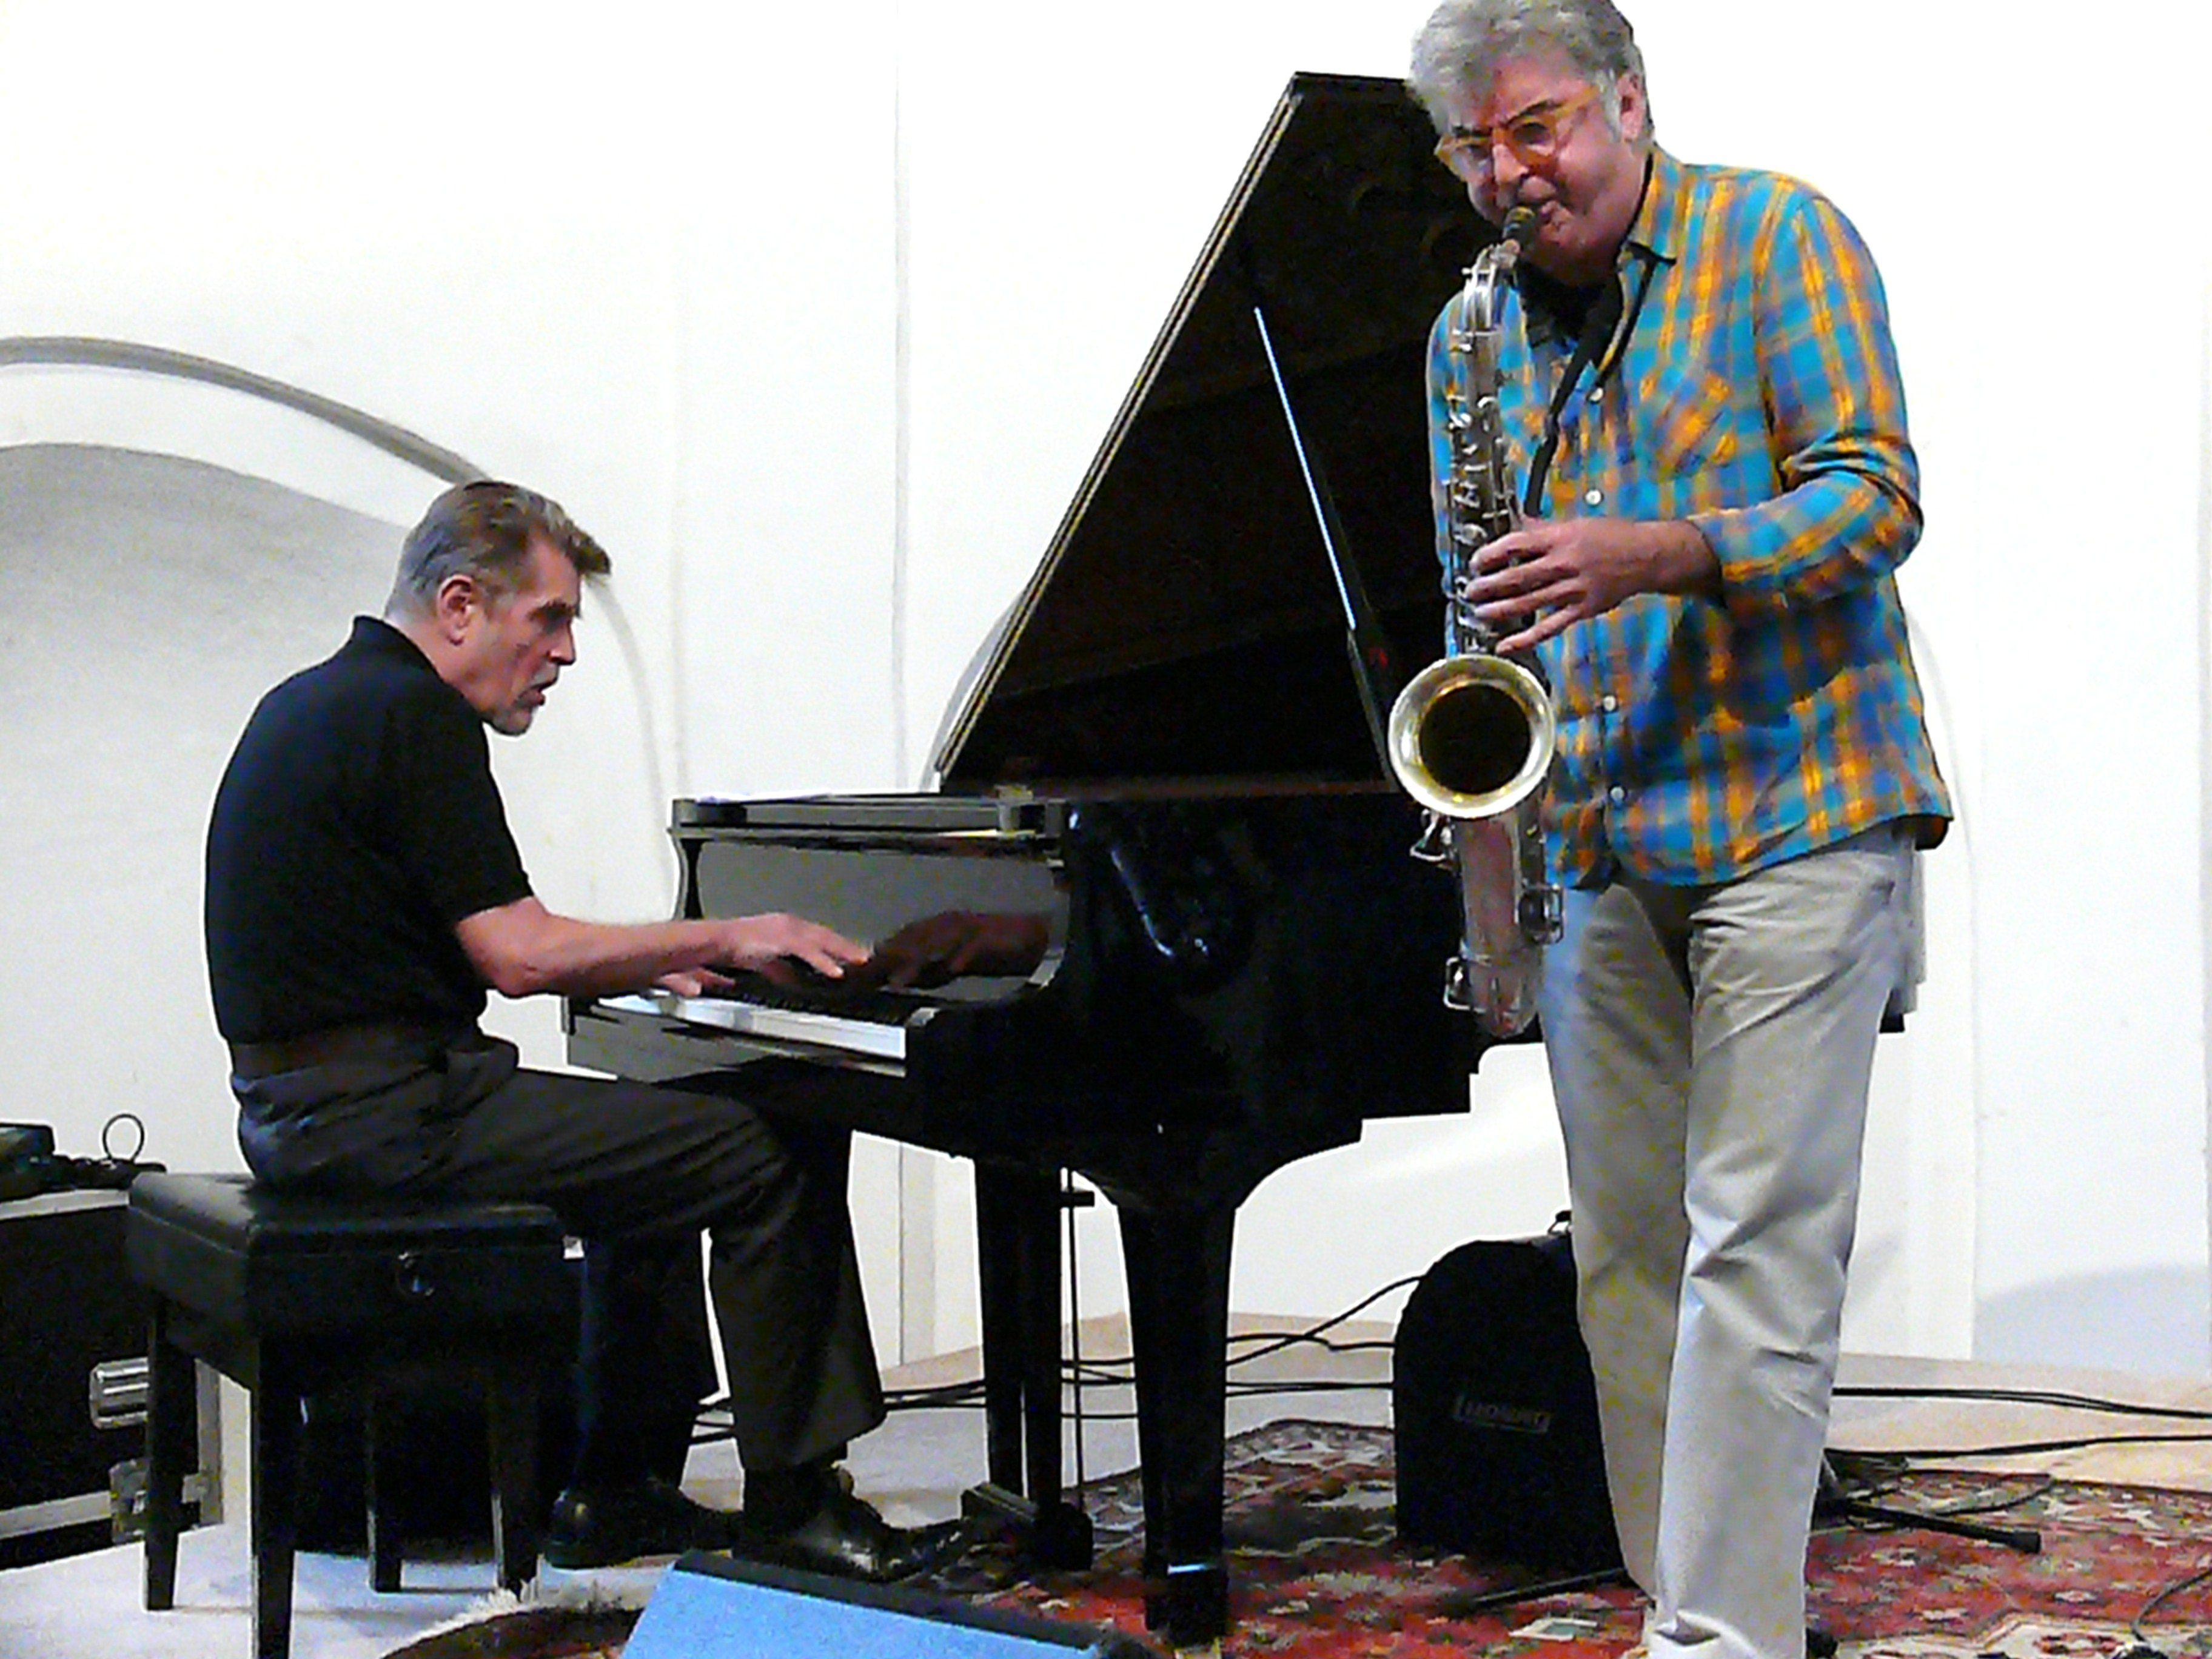 Alexander Von Schlippenbach and Daniele D'Agaro in Groningen, August 2011